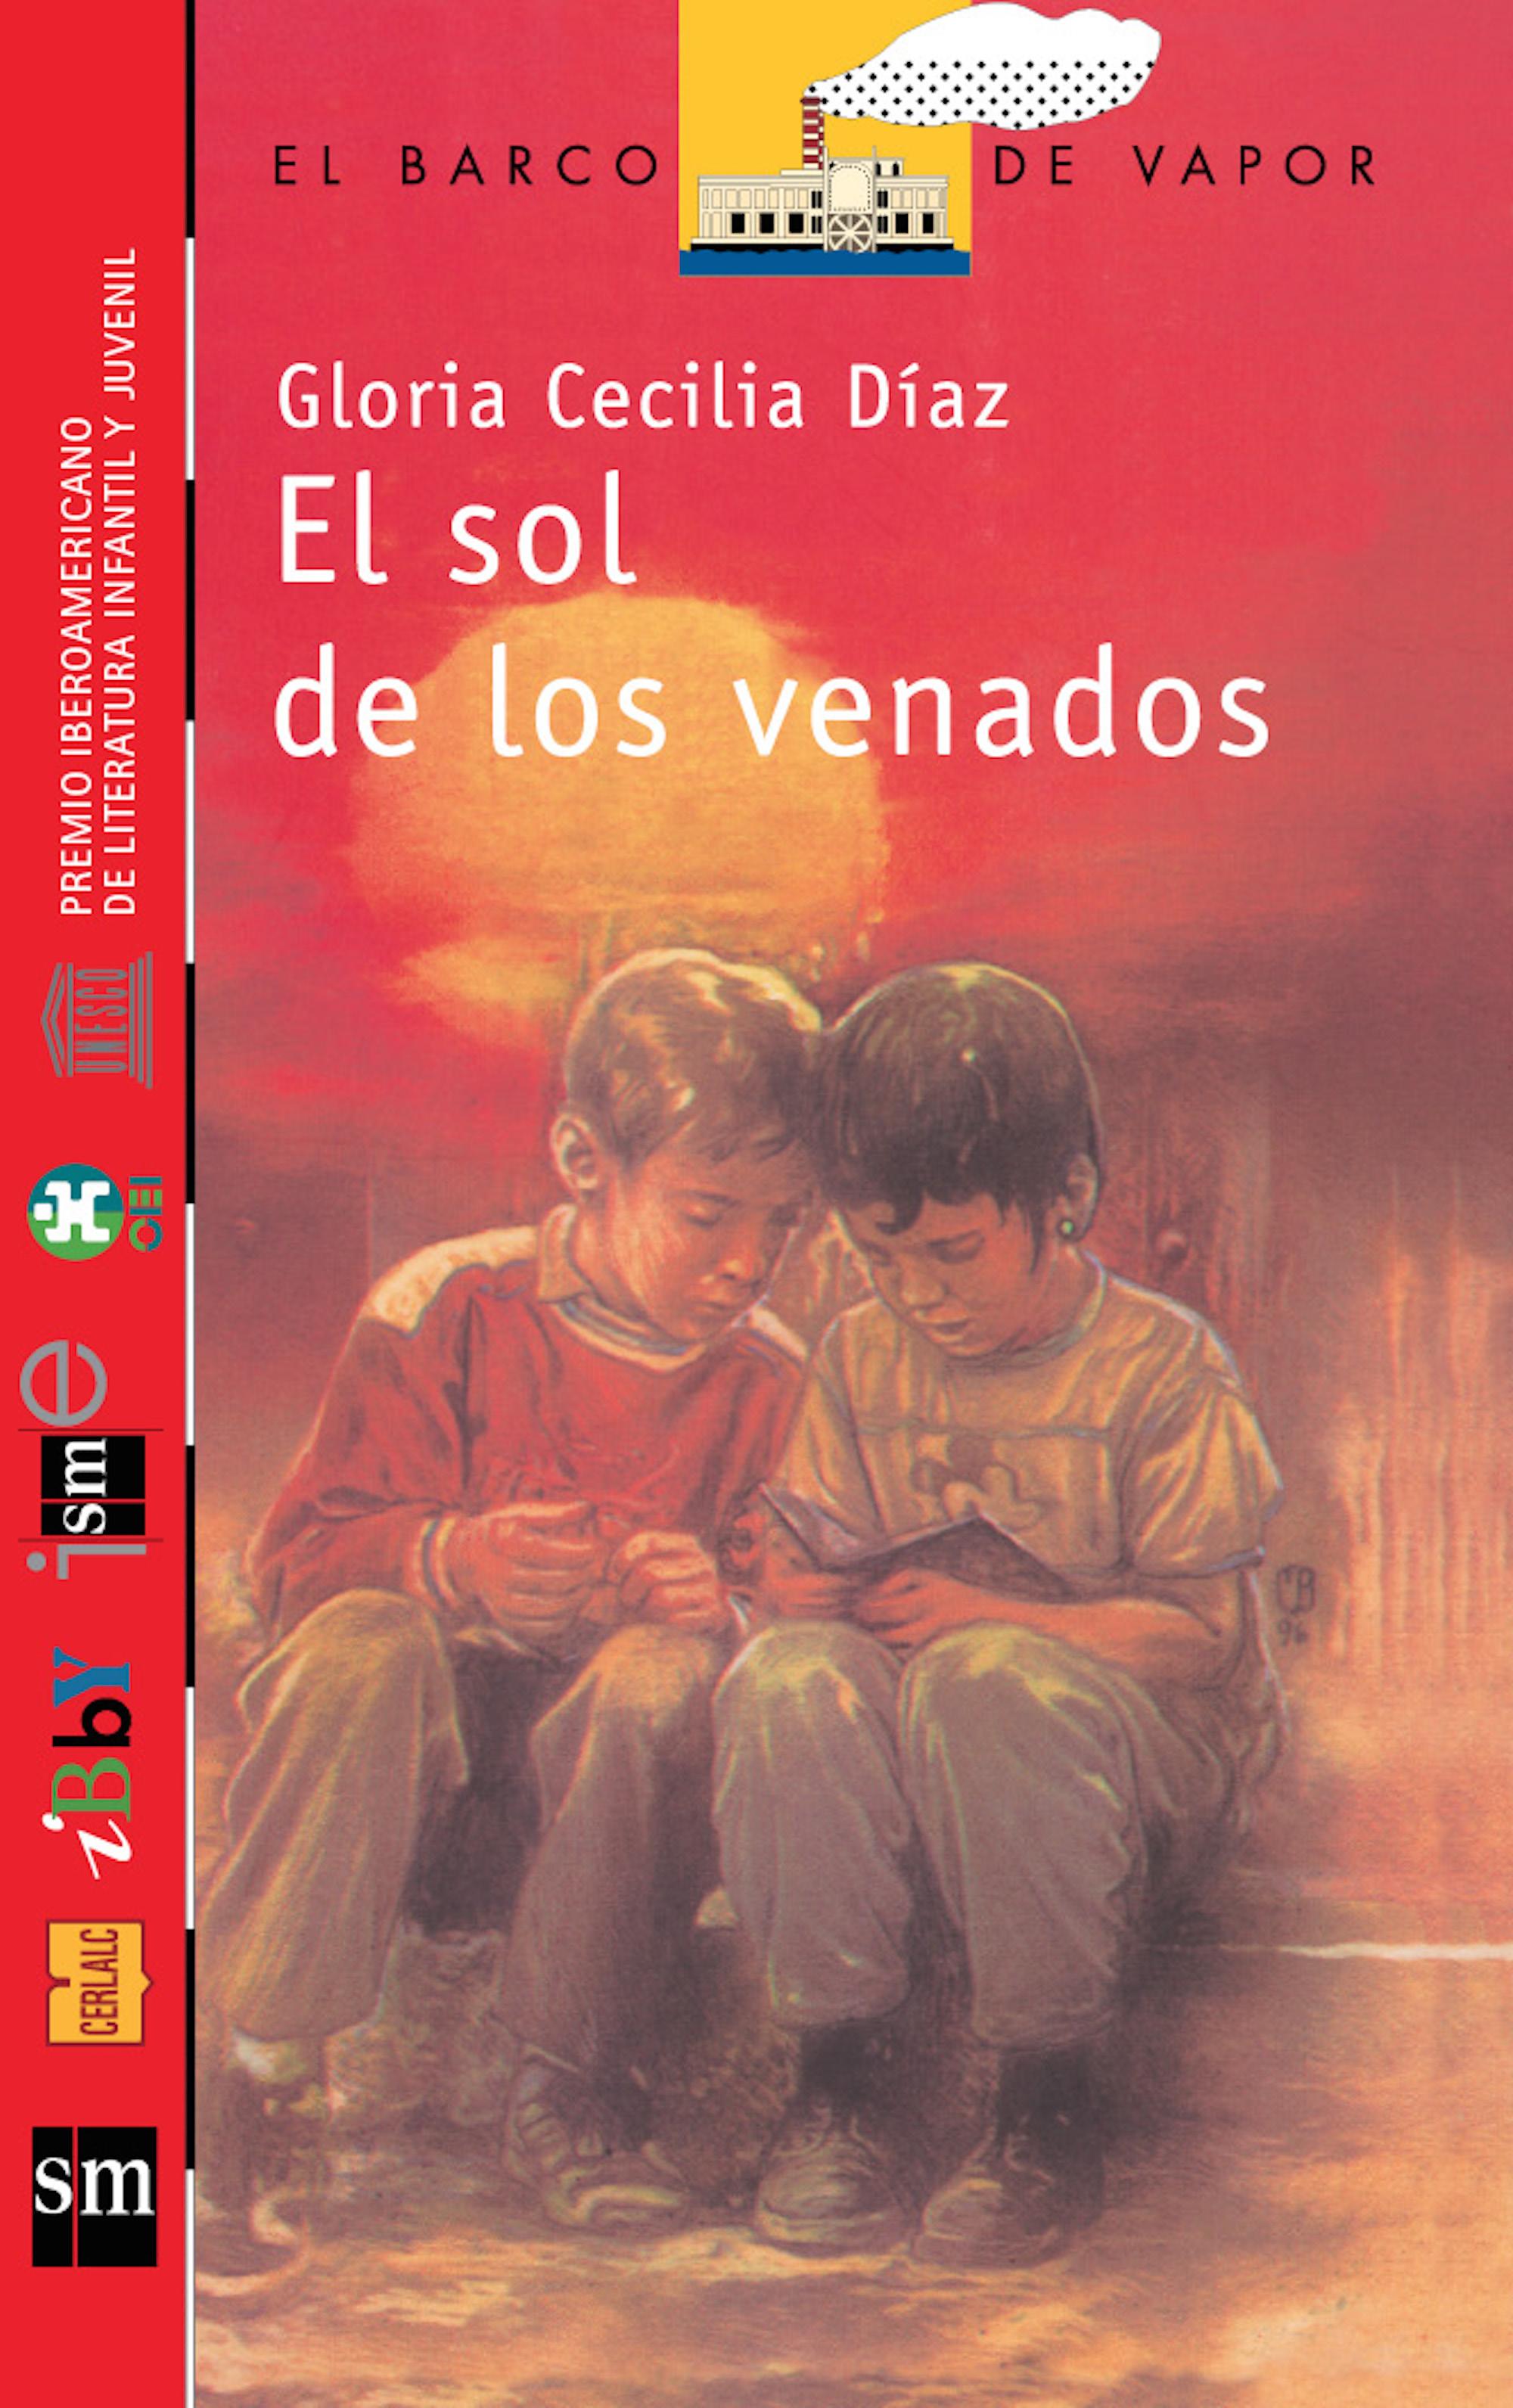 цена Gloria Cecilia Díaz El sol de los venados [Plan Lector Juvenil] онлайн в 2017 году